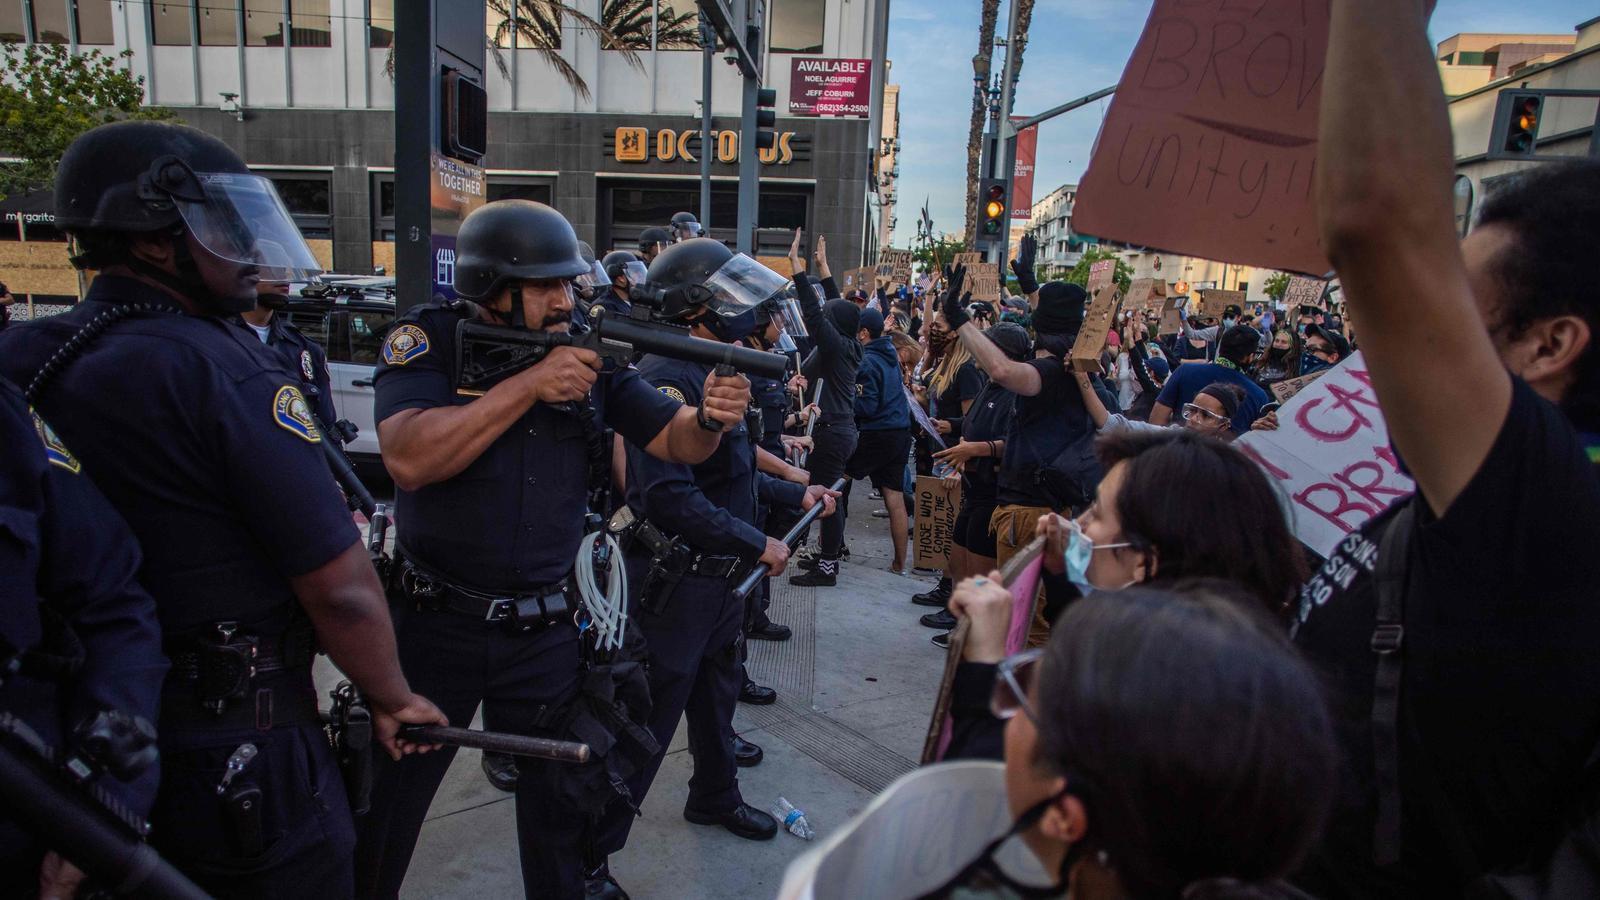 Un policia apuntant amb la seva pistola de bales de goma els manifestants que protesten a Long Beach, Califòrnia